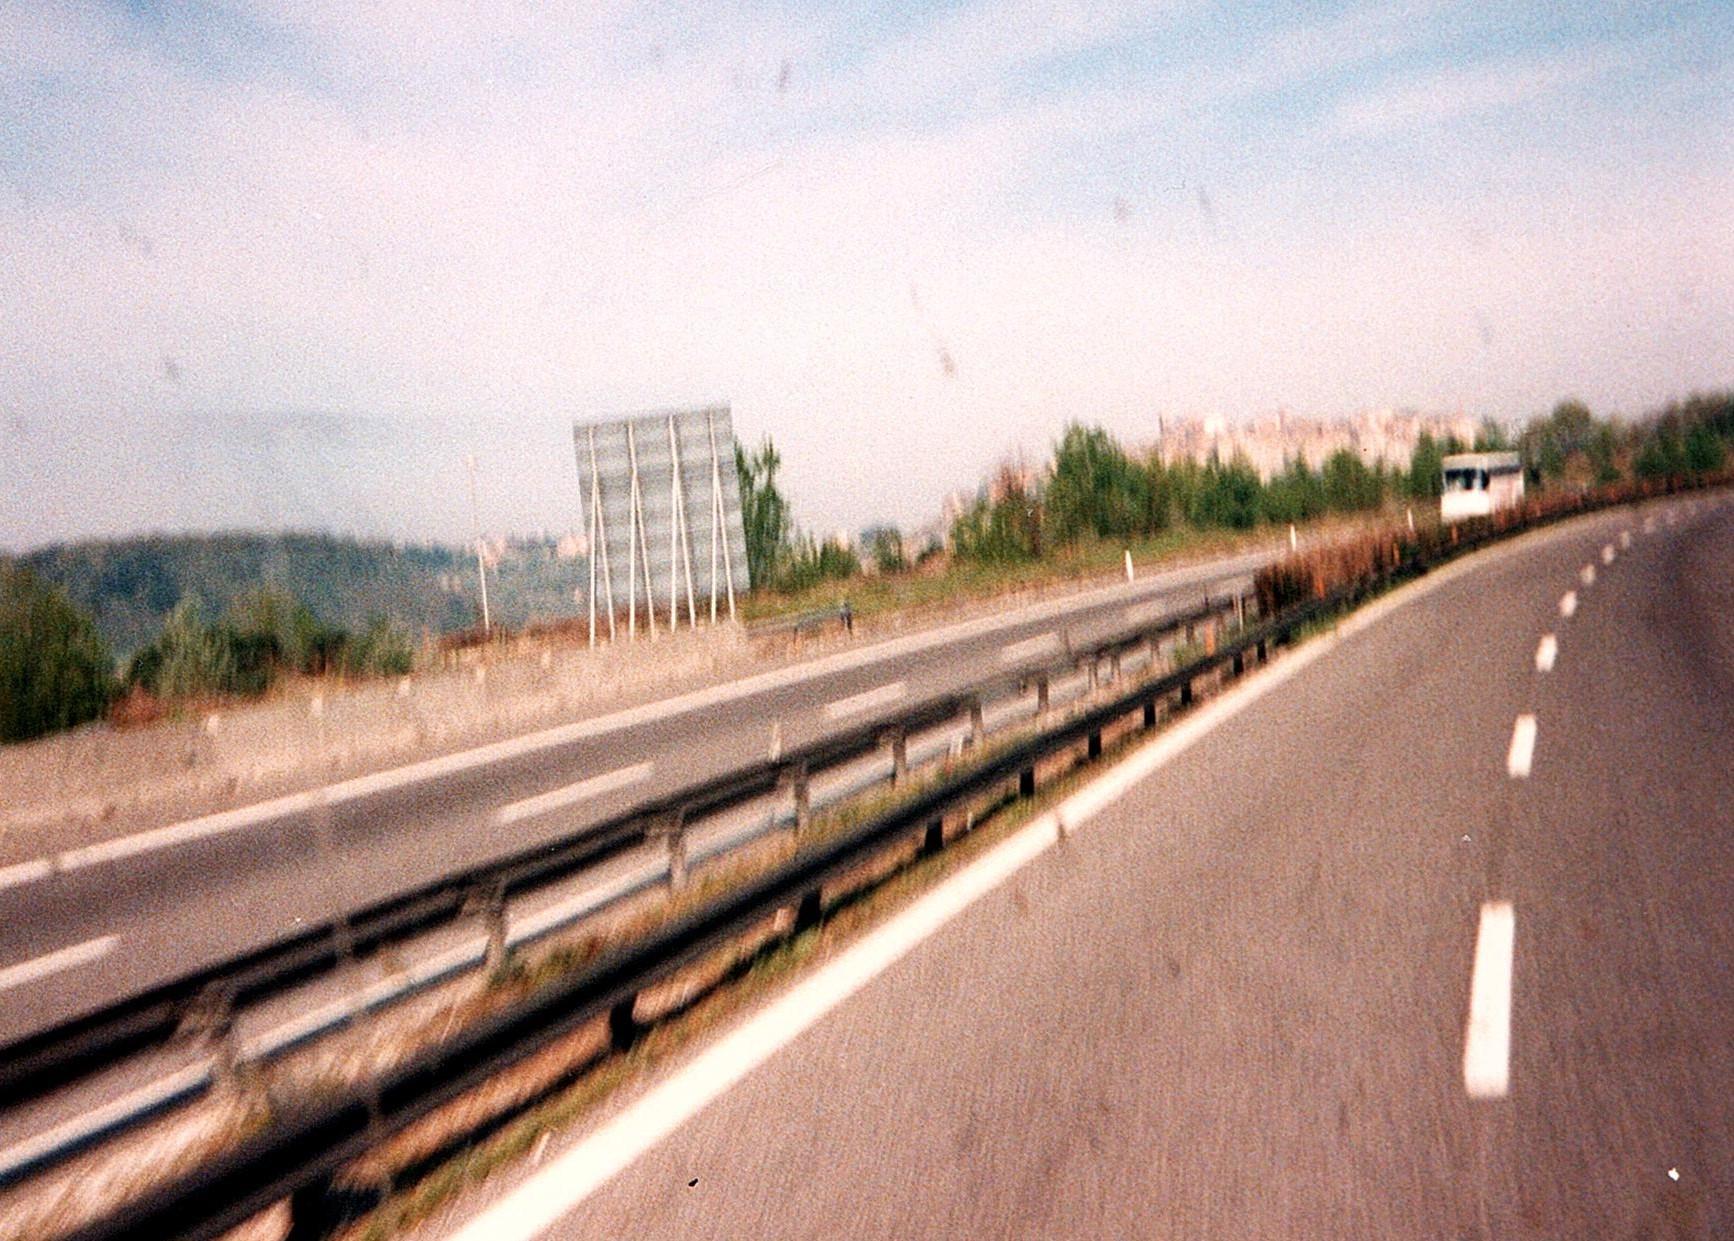 Bert-met-de-Scania-vakantie-vieren-in-Italie-38